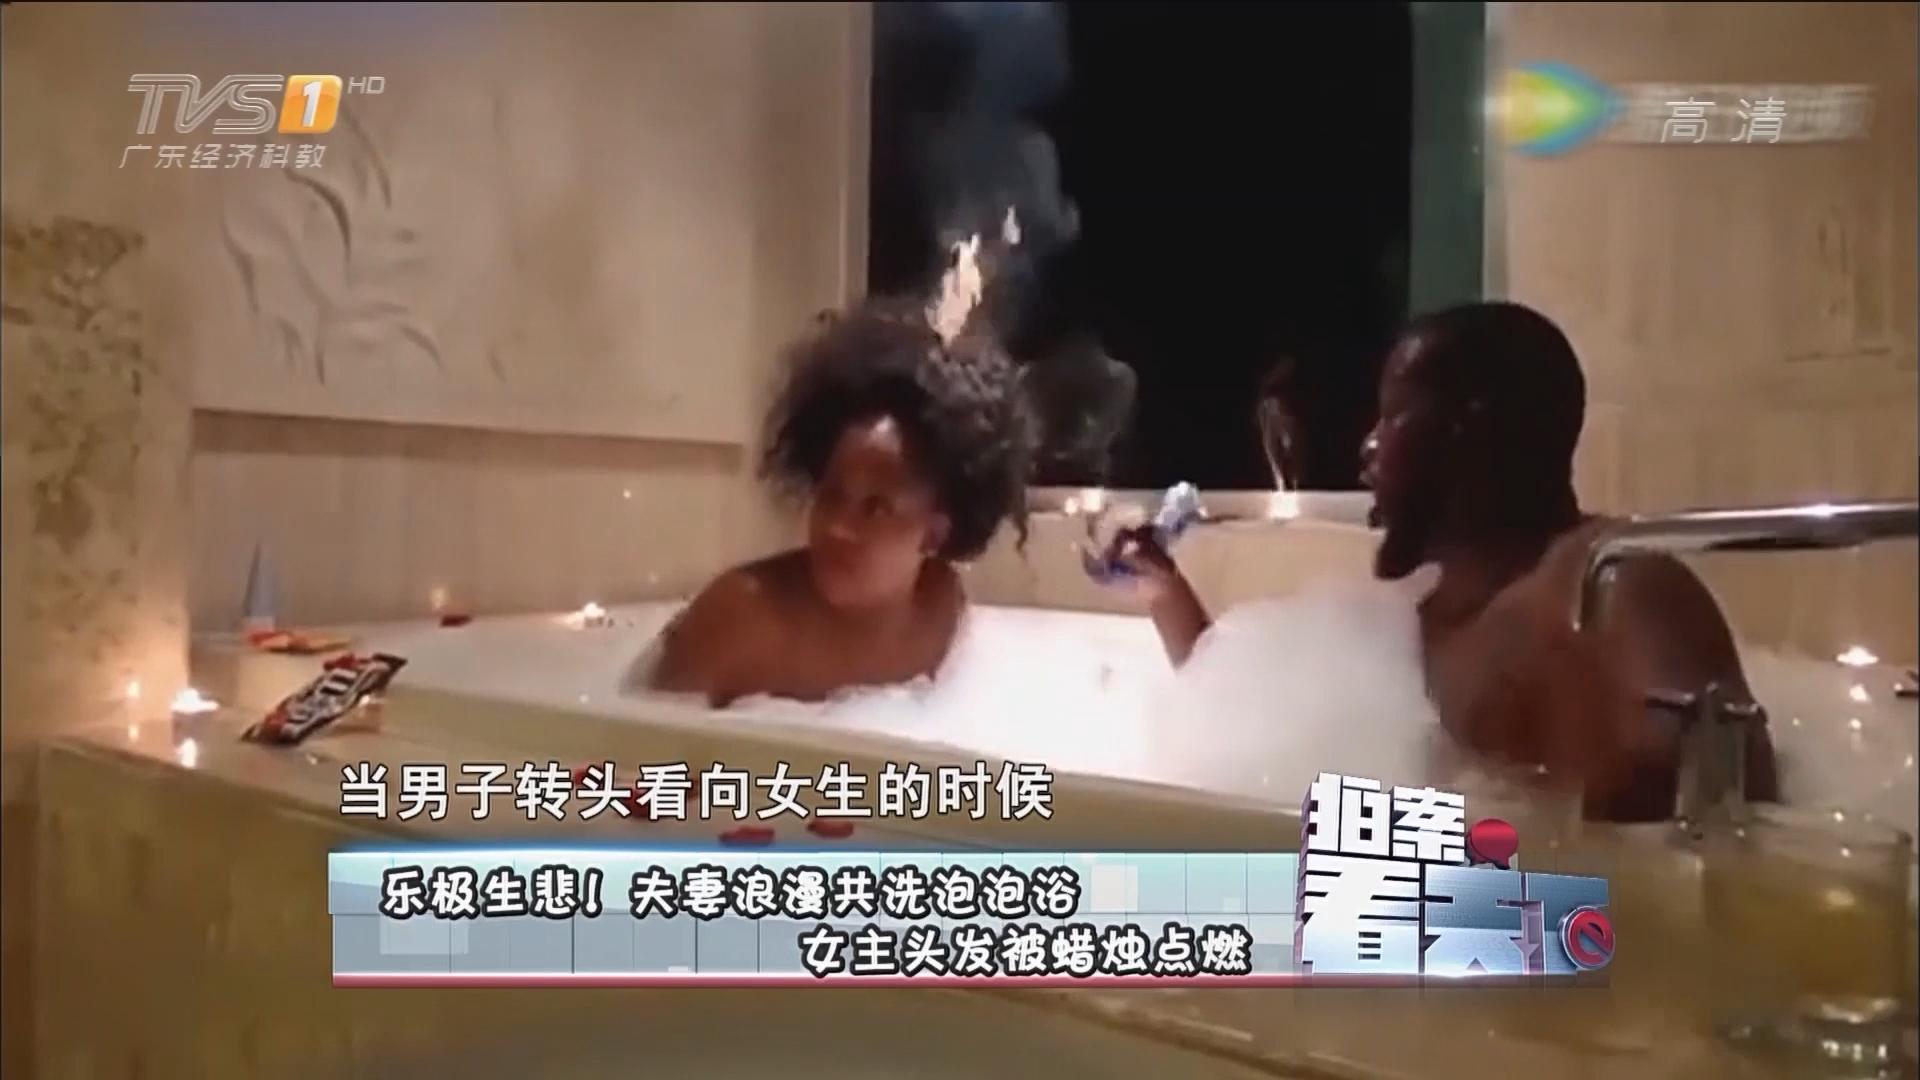 乐极生悲!夫妻浪漫共洗泡泡浴 女主头发被蜡烛点燃